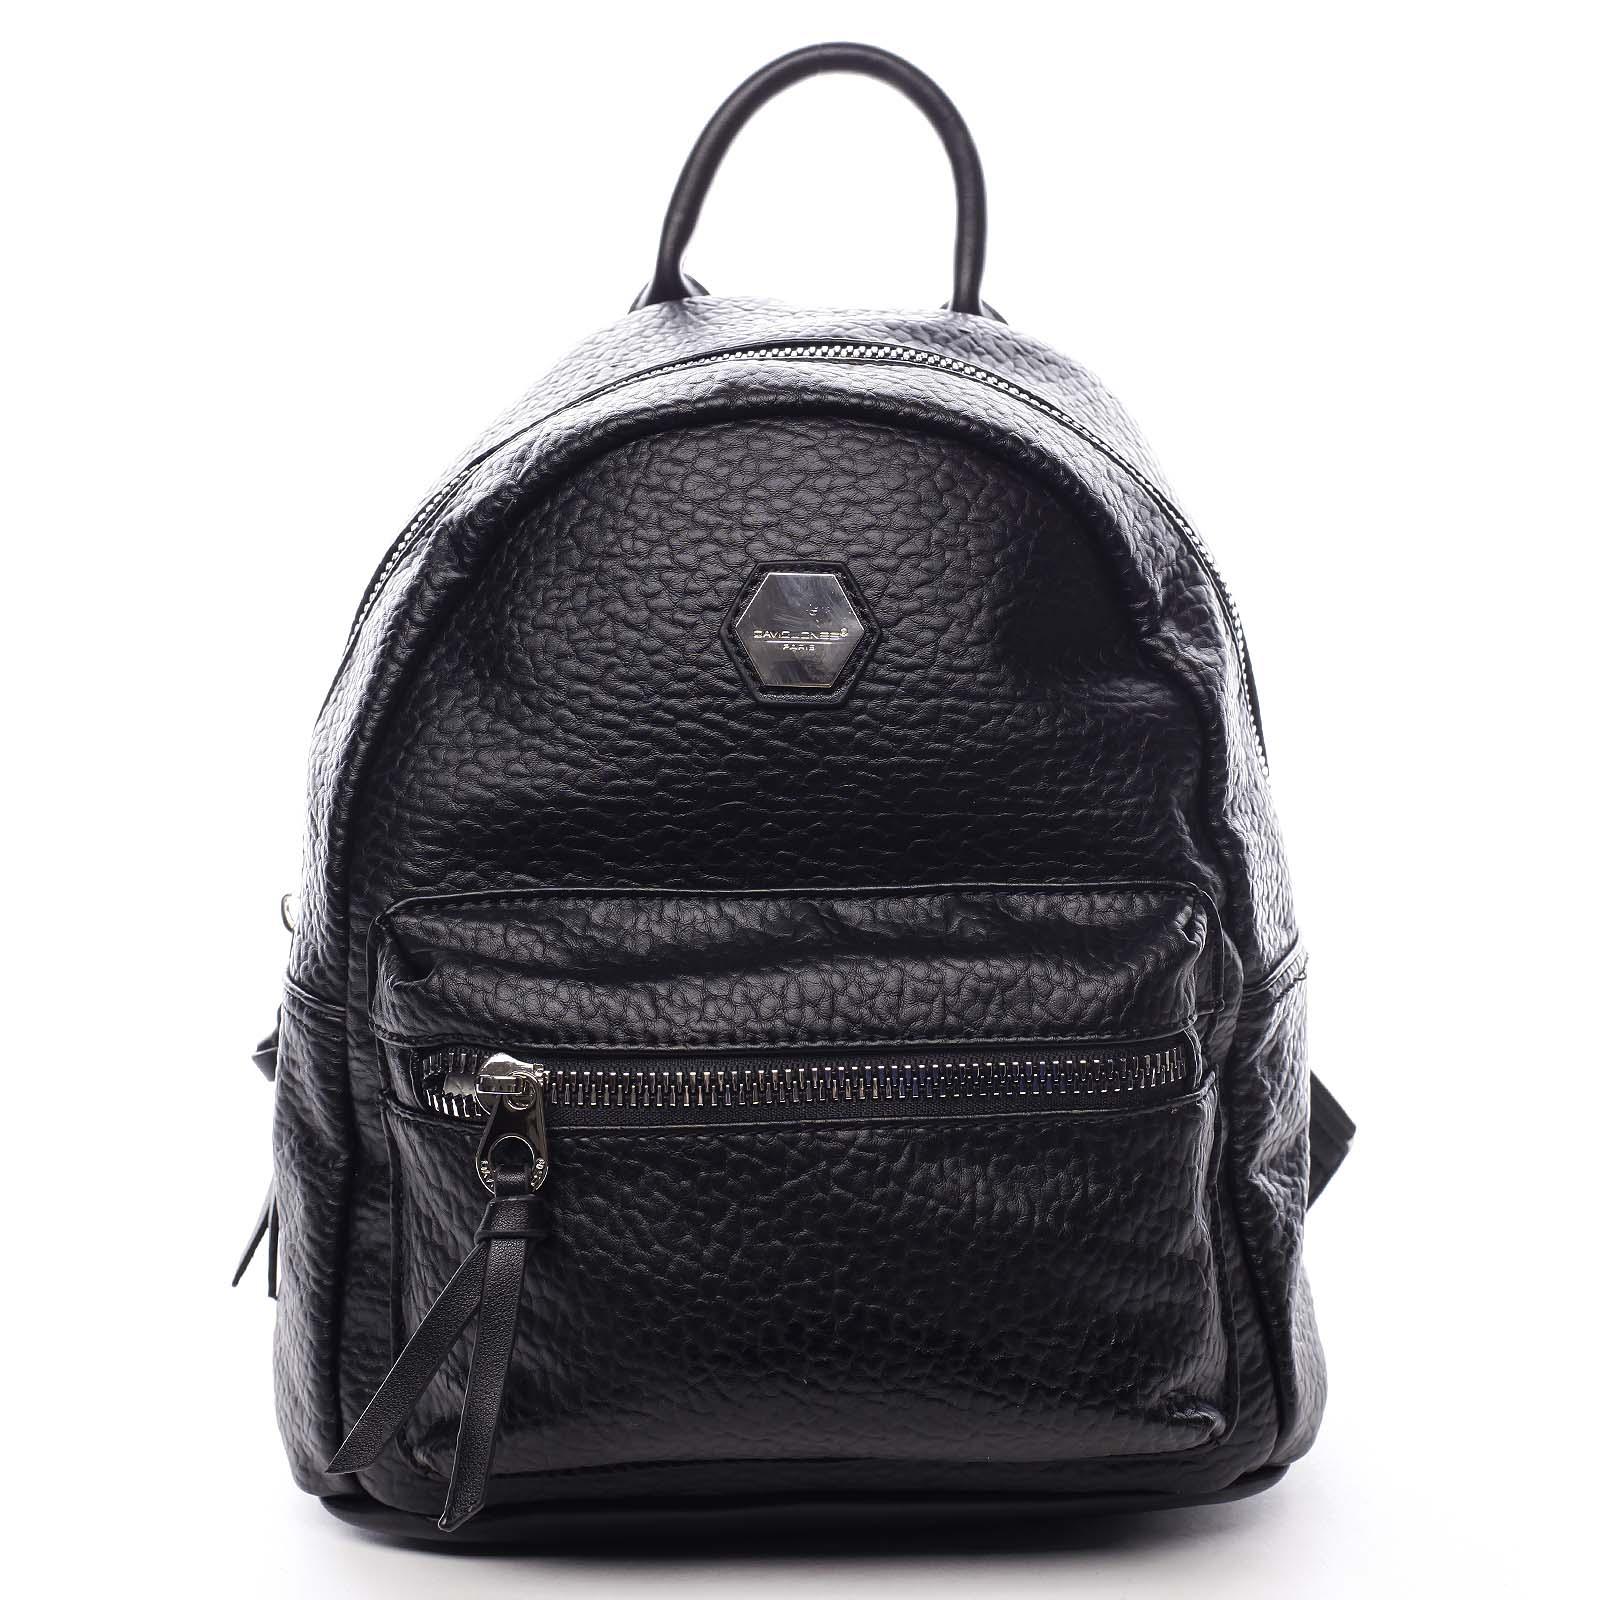 Dámsky mestský batoh čierny - David Jones Mackenzie